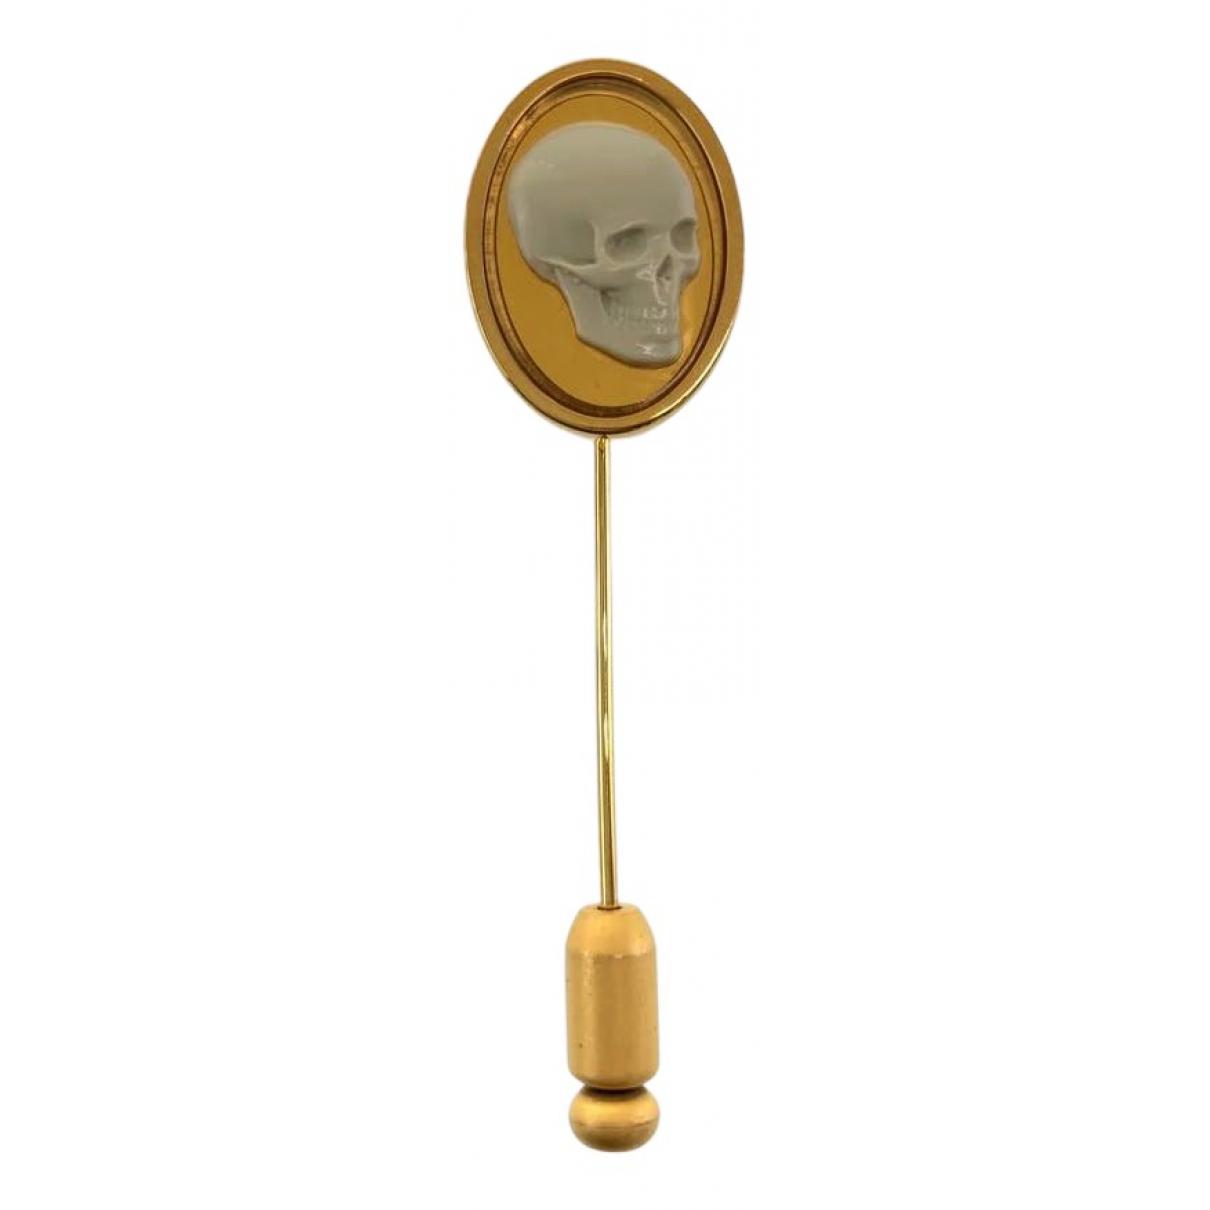 Paul Smith N Metal Jewellery for Men N